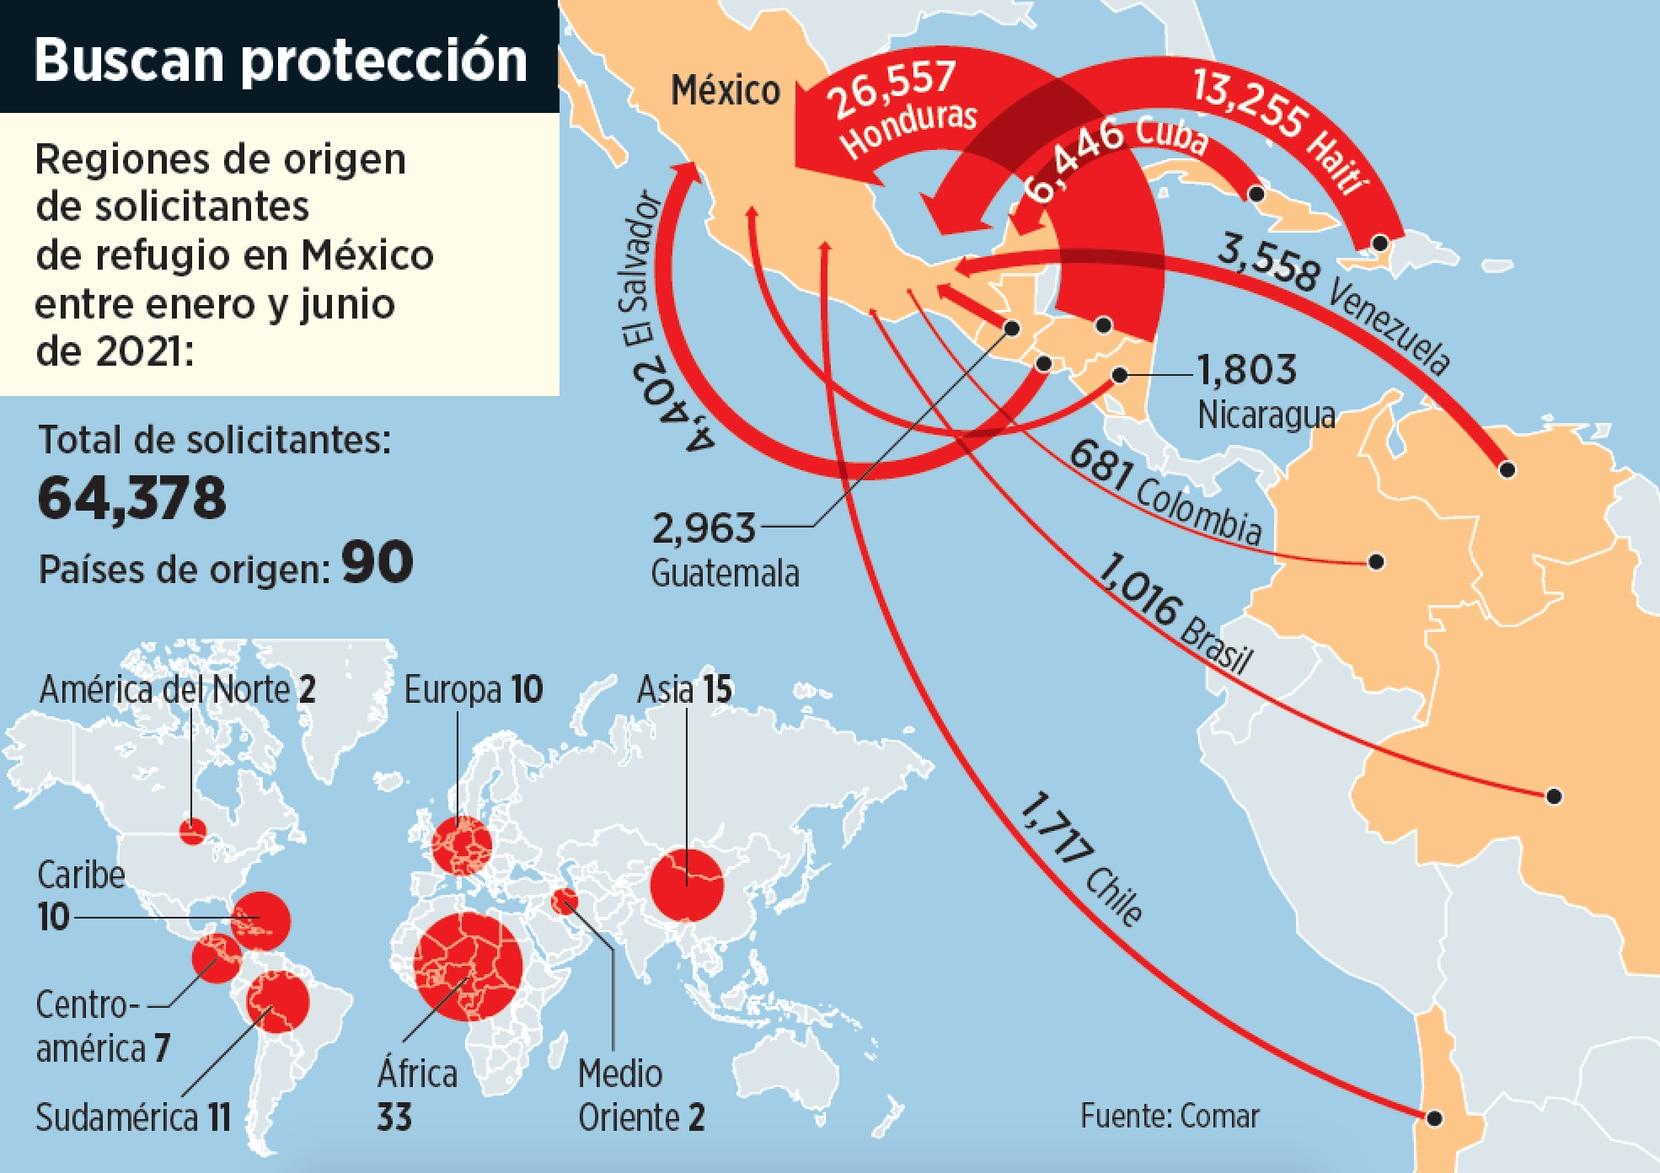 El origen de solicitantes de refugio en México entre enero y junio de 2021 es de 90 diferentes países.